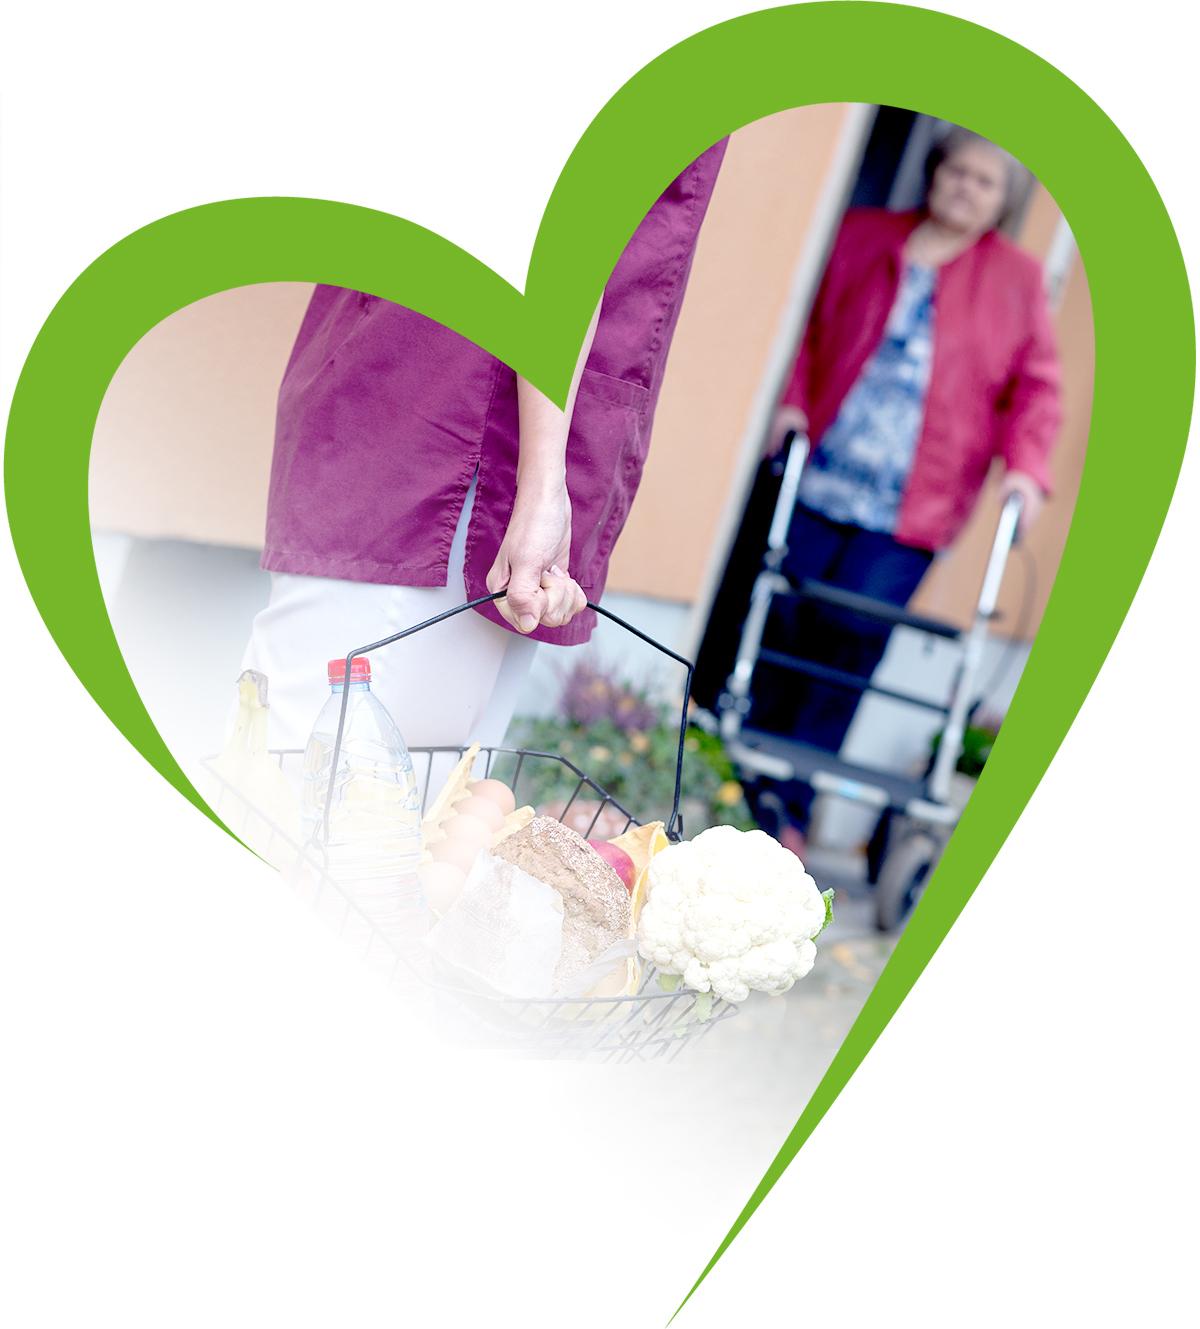 Pflegedienst Langenzenn: Pektus, Entlastungsleistungen Langenzenn, Pflege Veitsbronn / Langenzenn